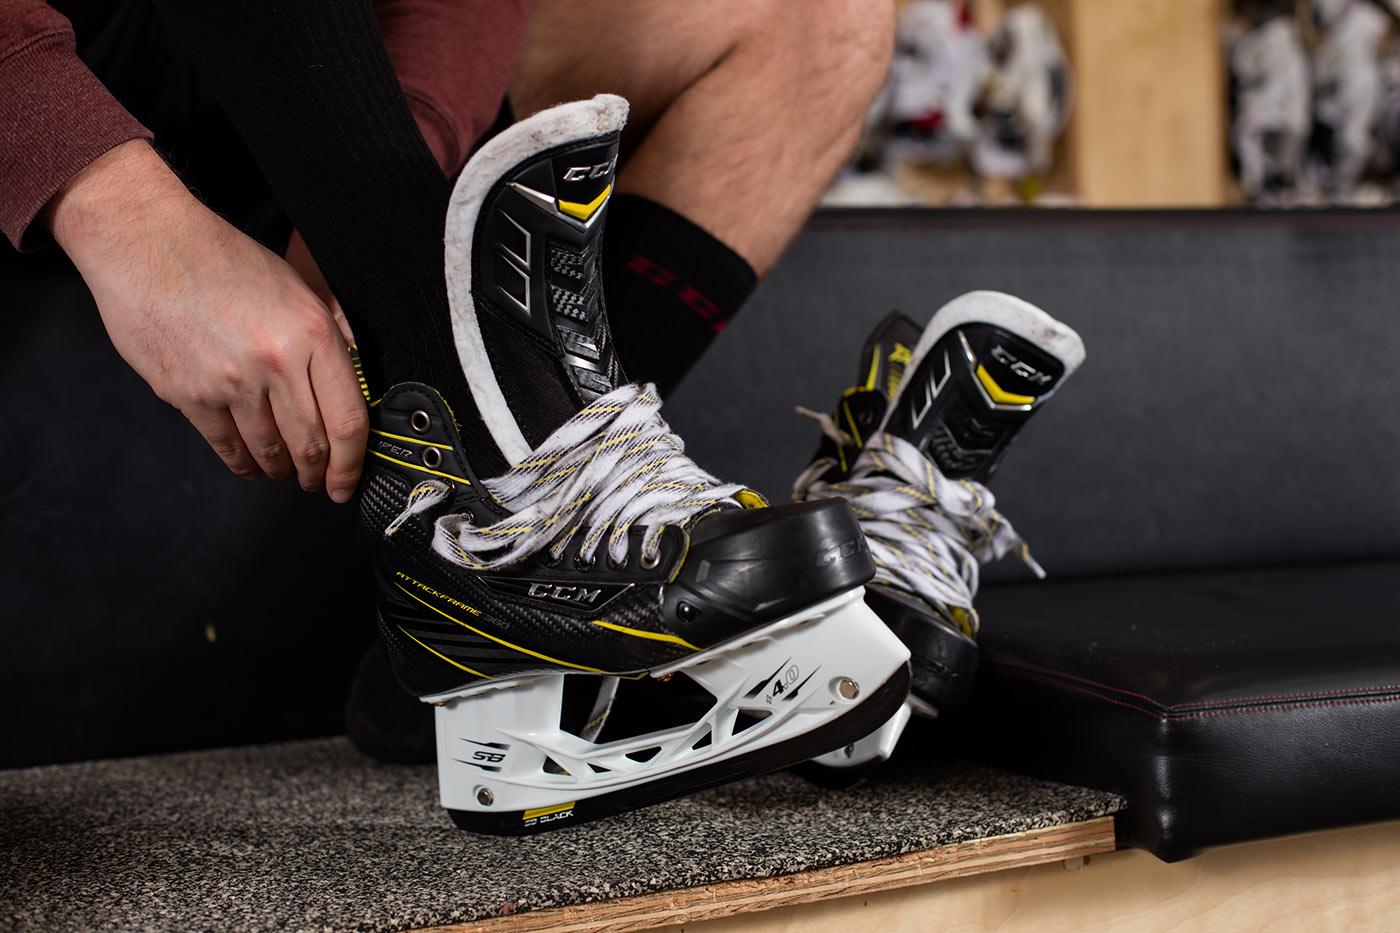 ccm хоккей коньки